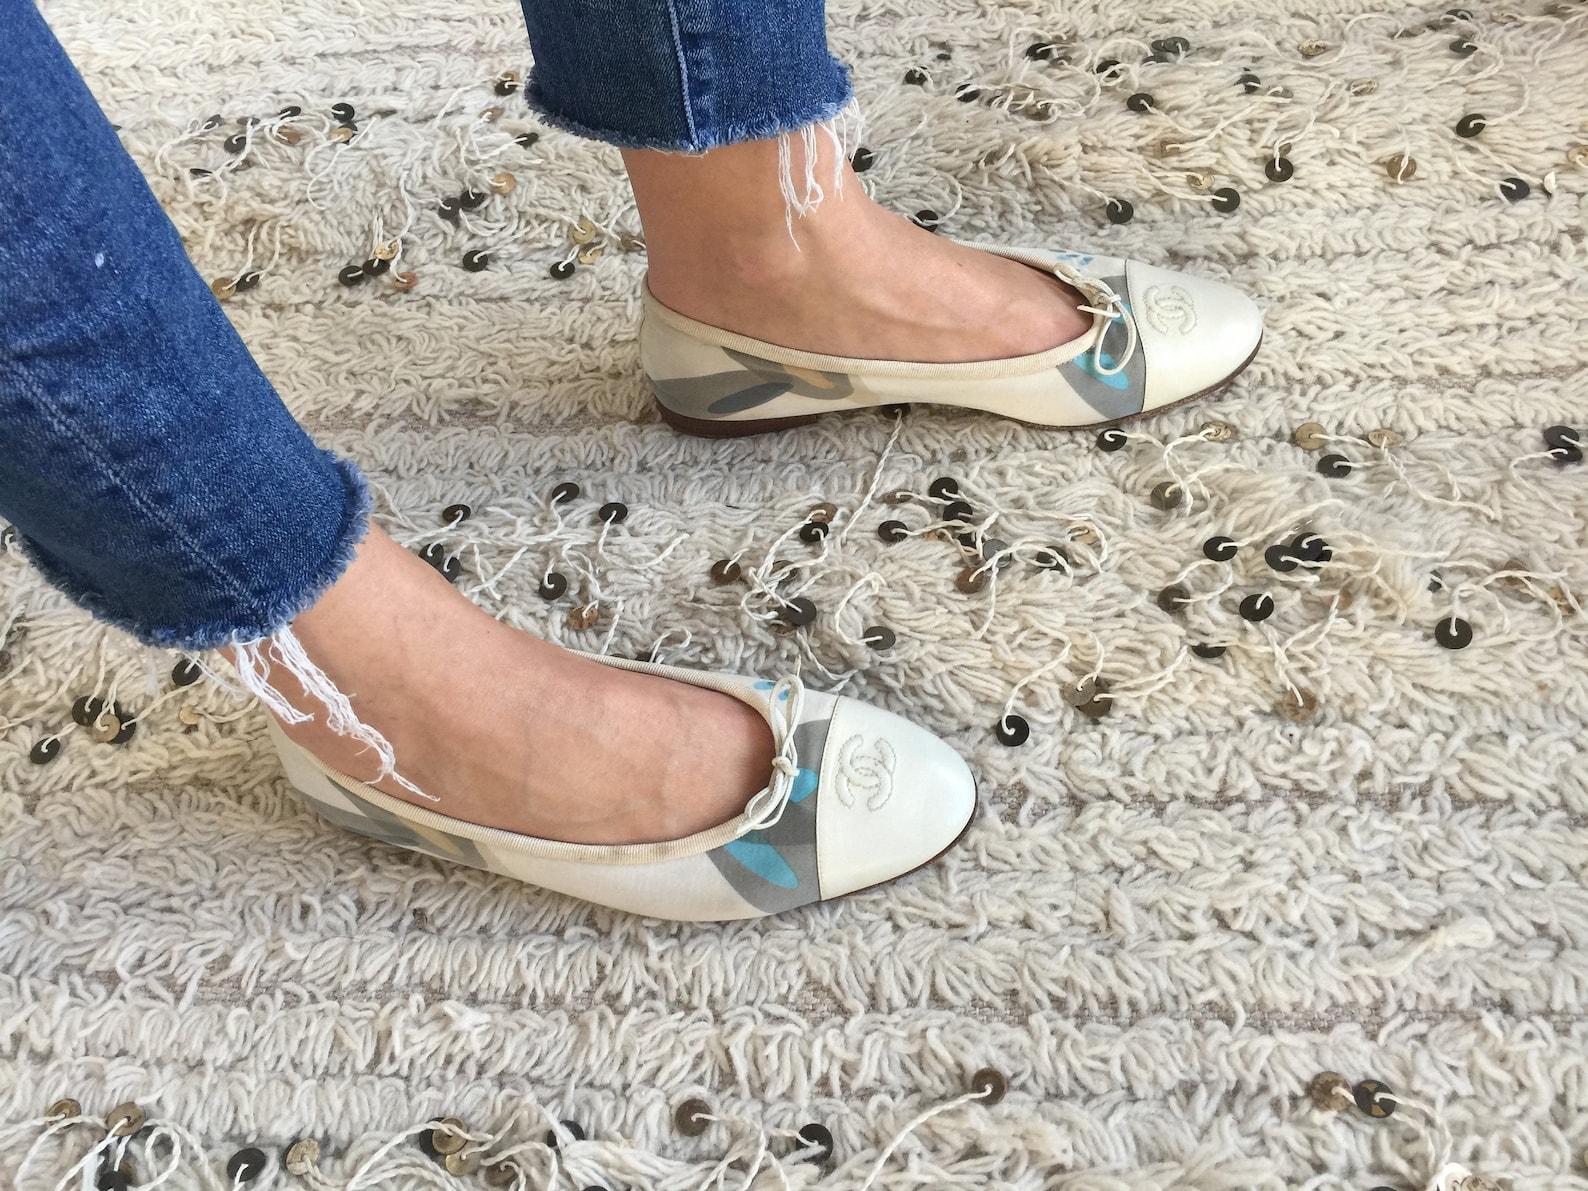 vintage chanel monogram cc logos script retro print & white leather cap toe ballet flats sandals slides slip on shoes eu 39 us 7